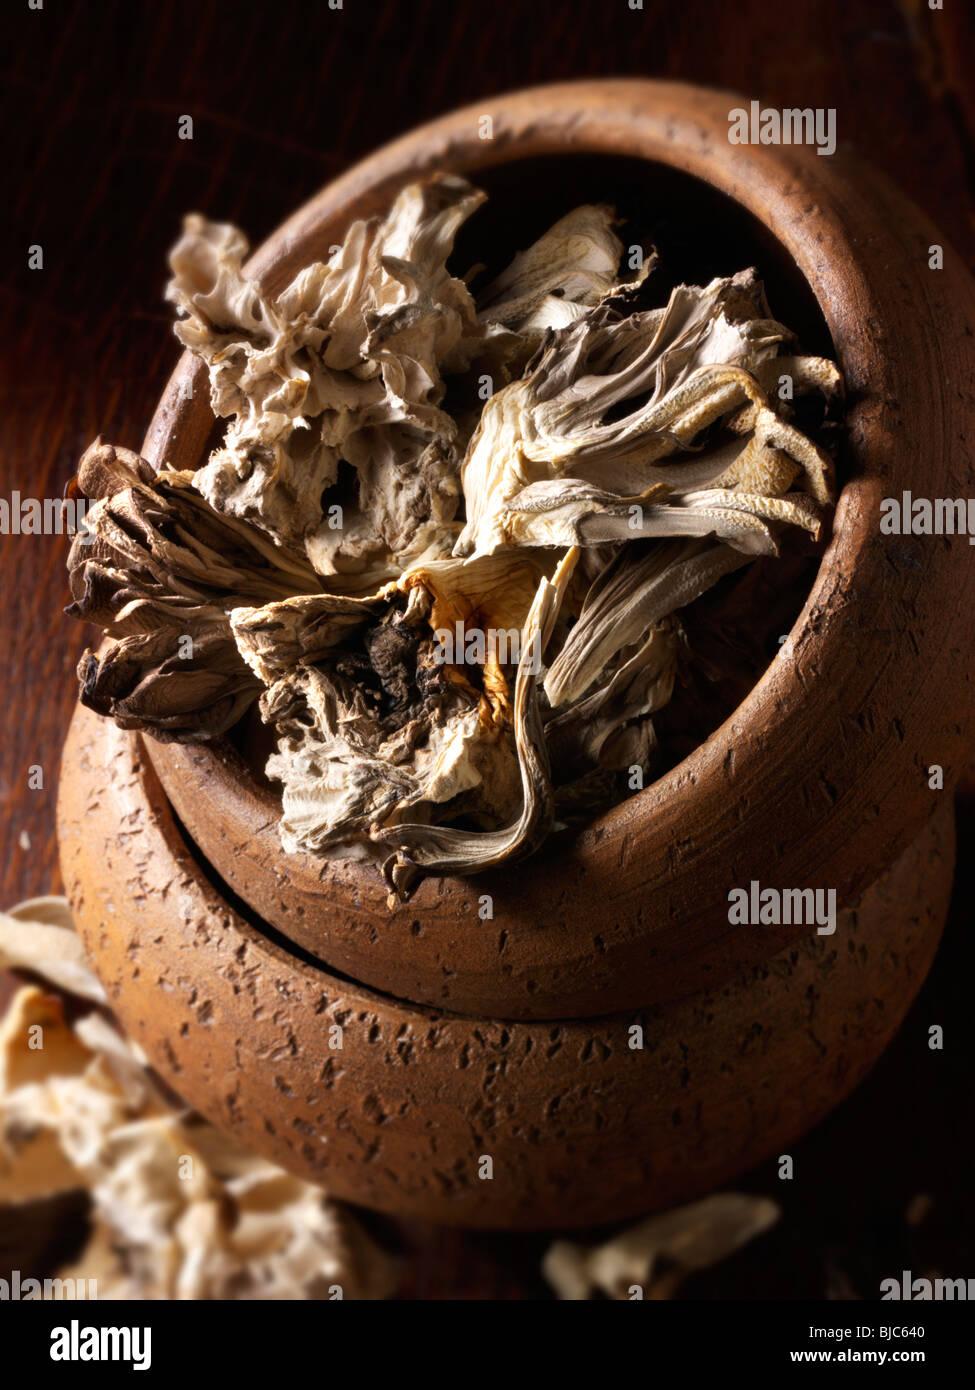 Dried Maitake mushrooms stock photos - Stock Image